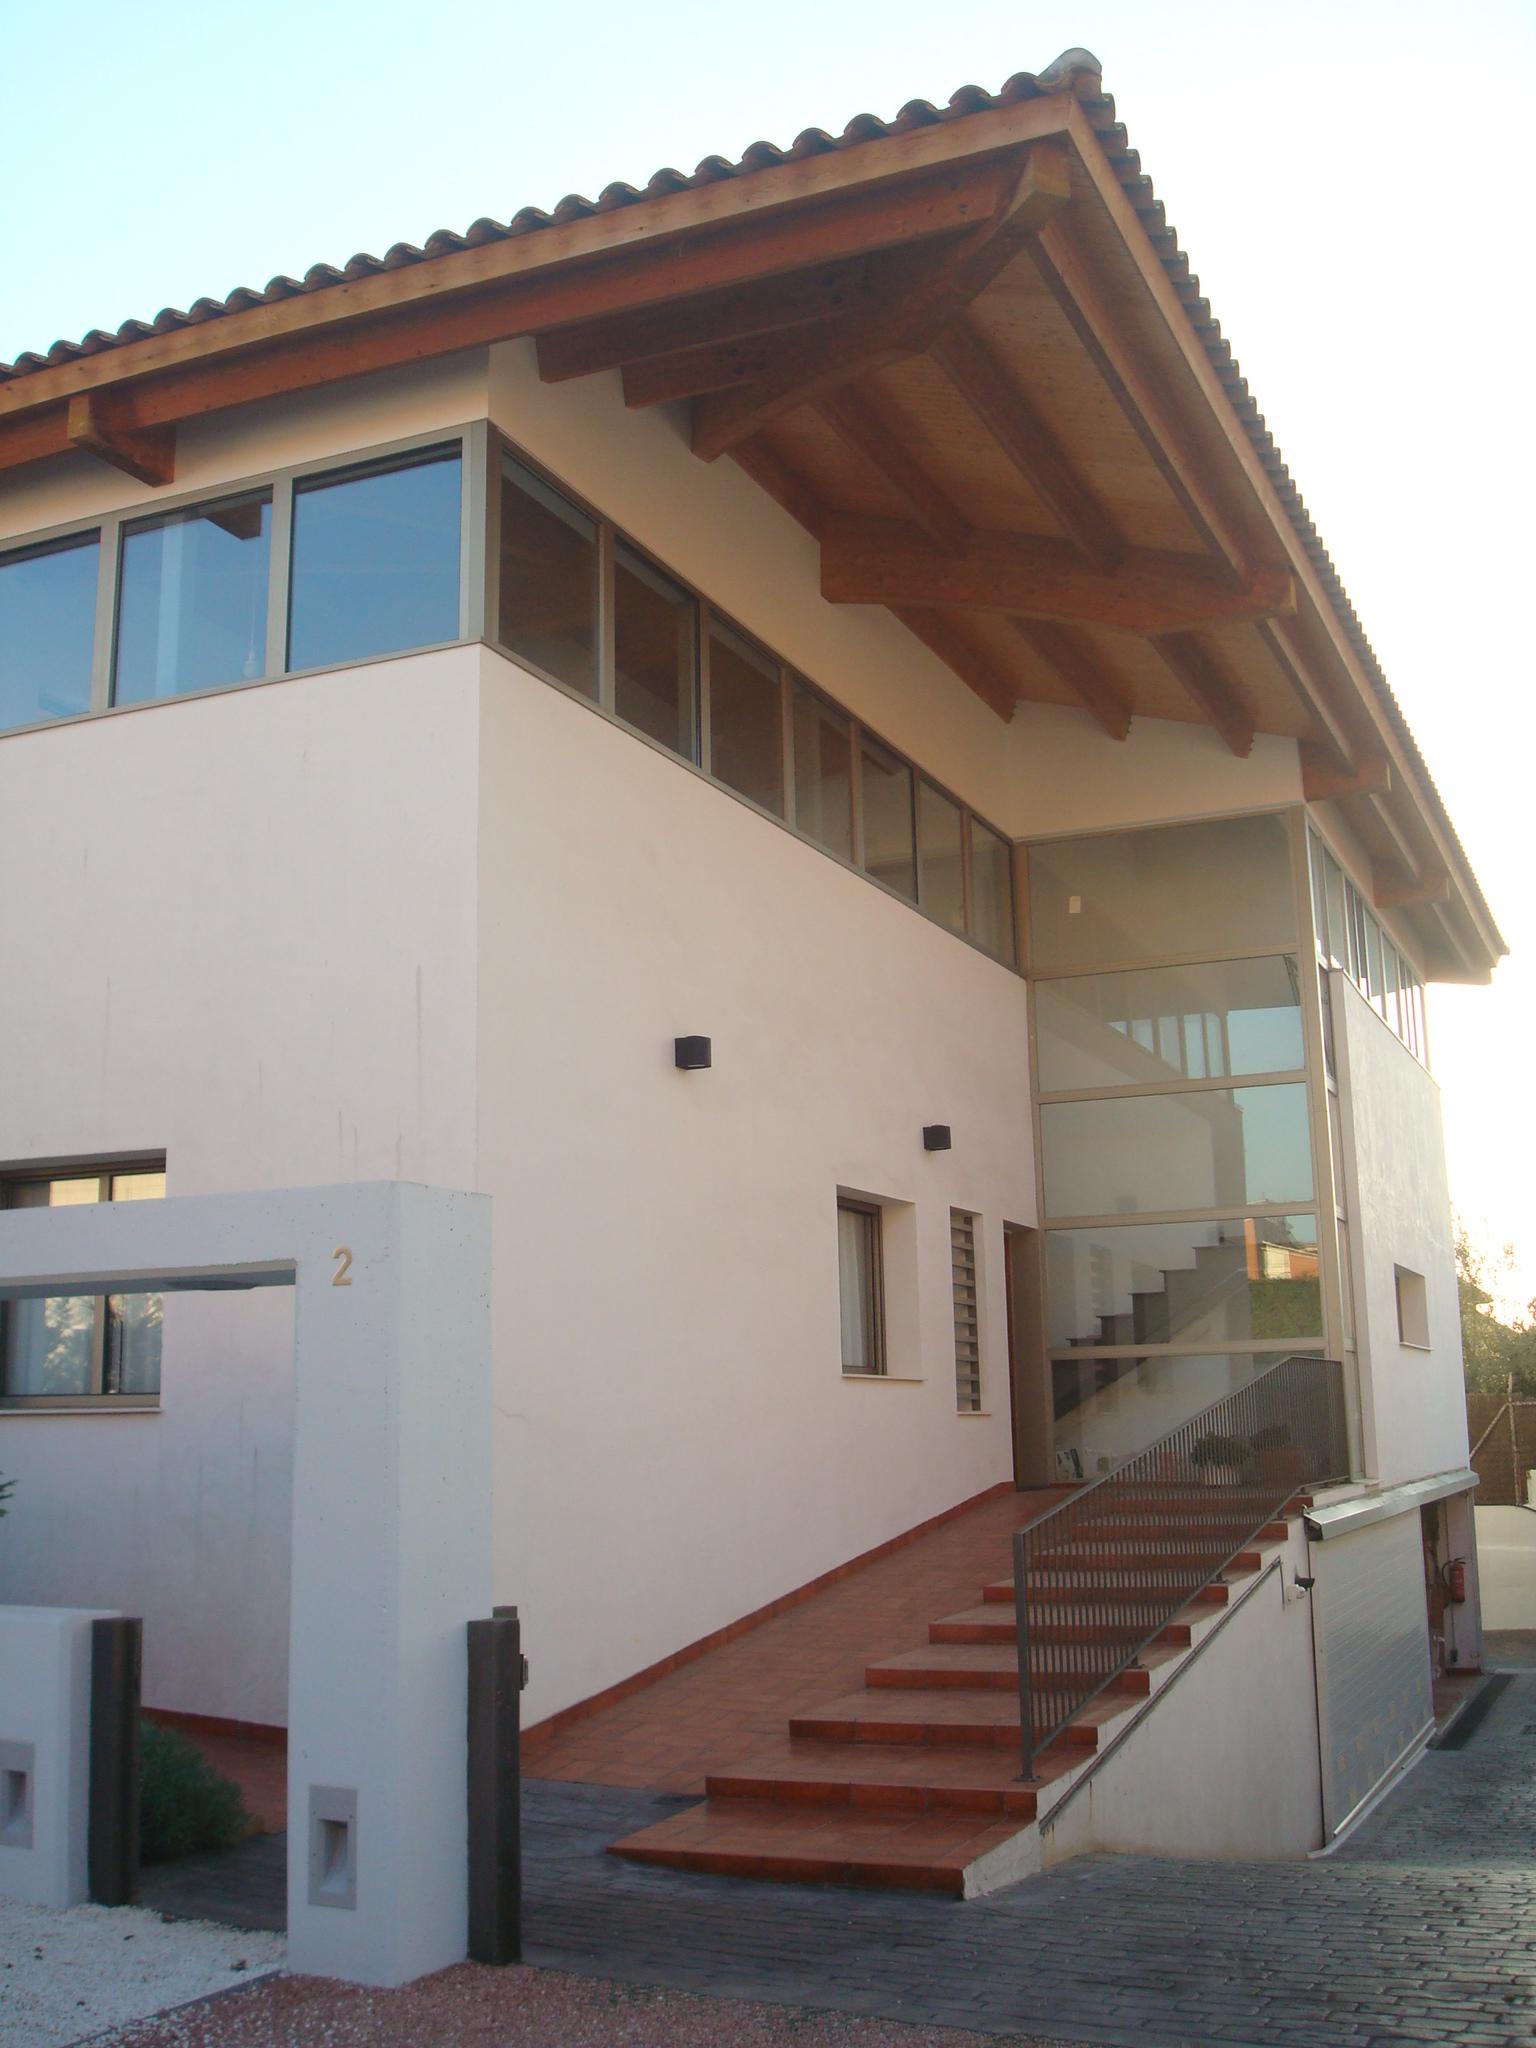 Construcción del complejo Mirasol en Sant Cugat del Vallés